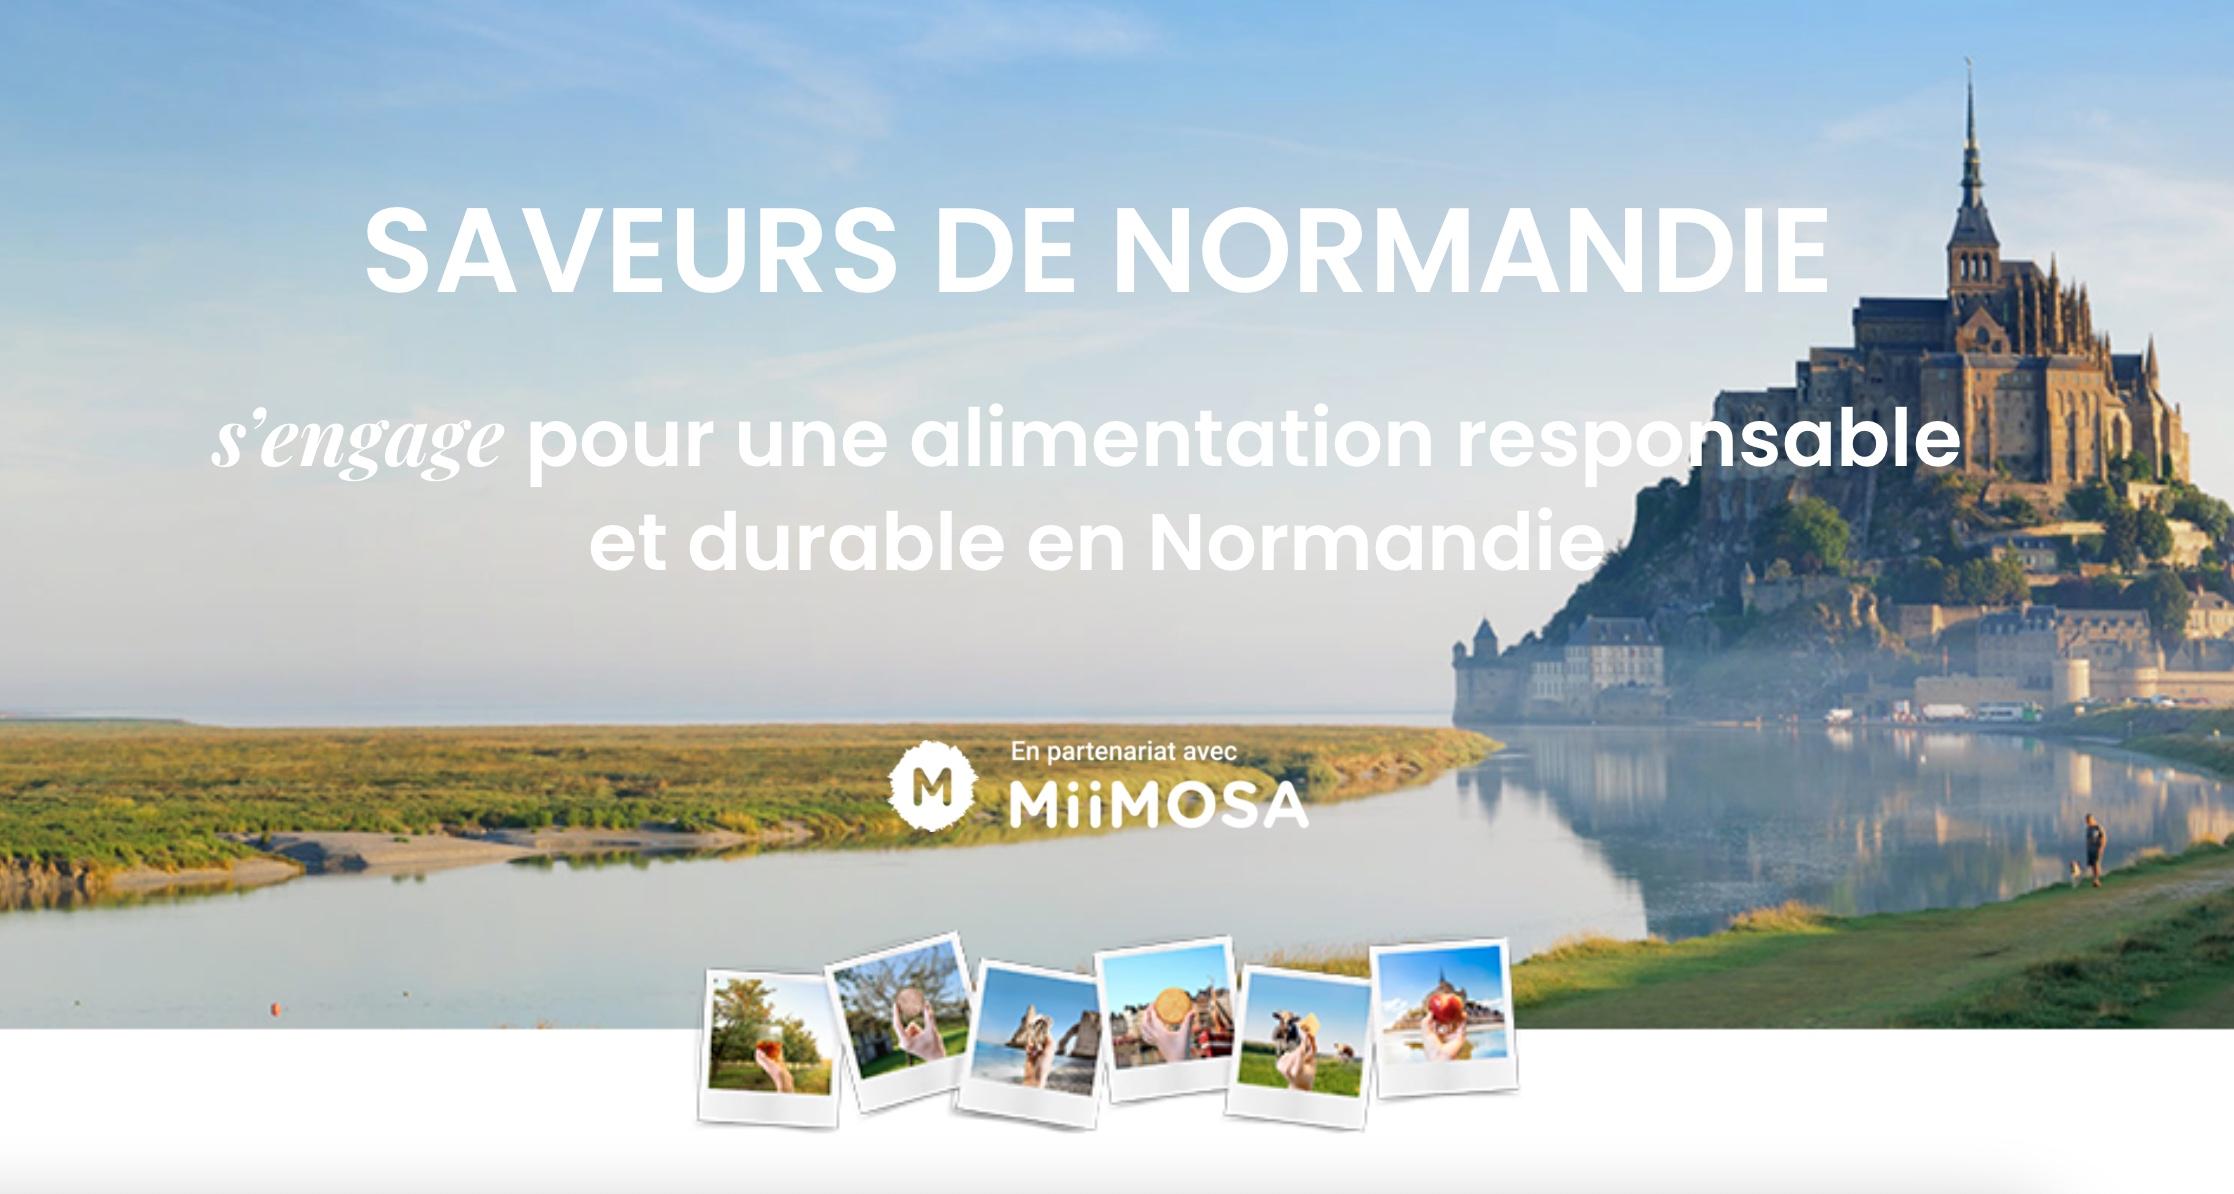 Capture decran 2021 07 23 a 22.36.08 - SAVEURS DE NORMANDIE s'engage pour une alimentation responsable et durable en Normandie